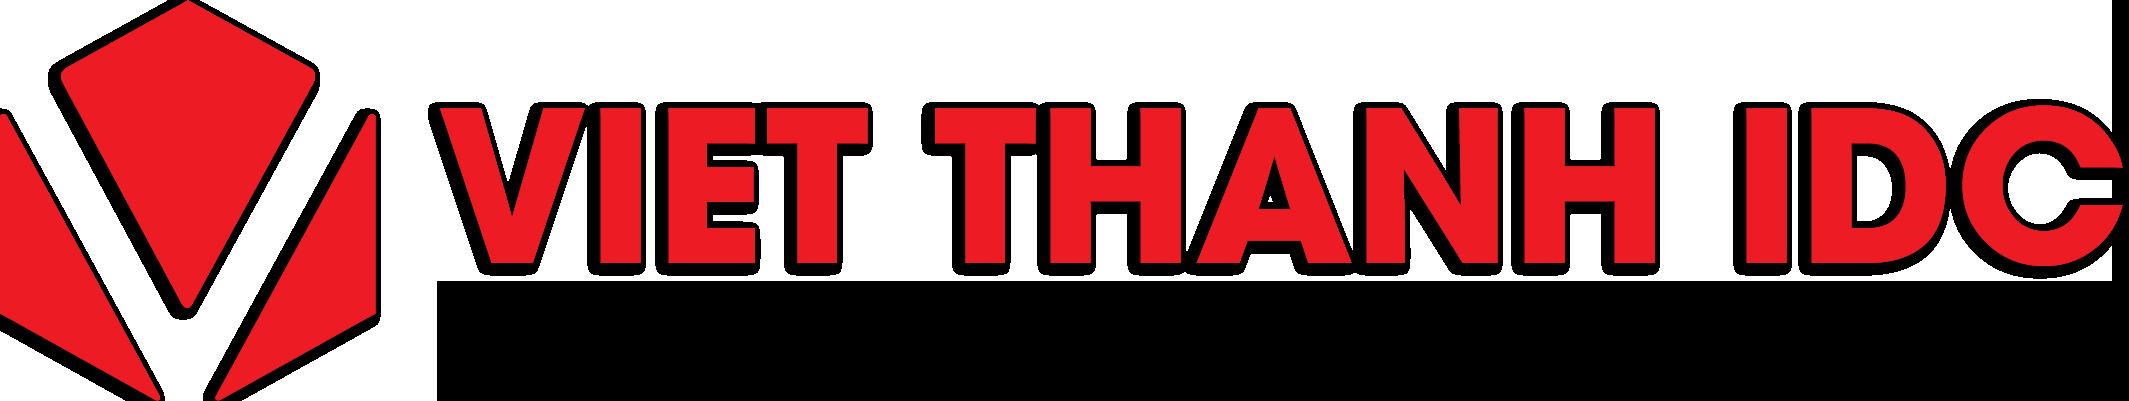 Viet Thanh IDC